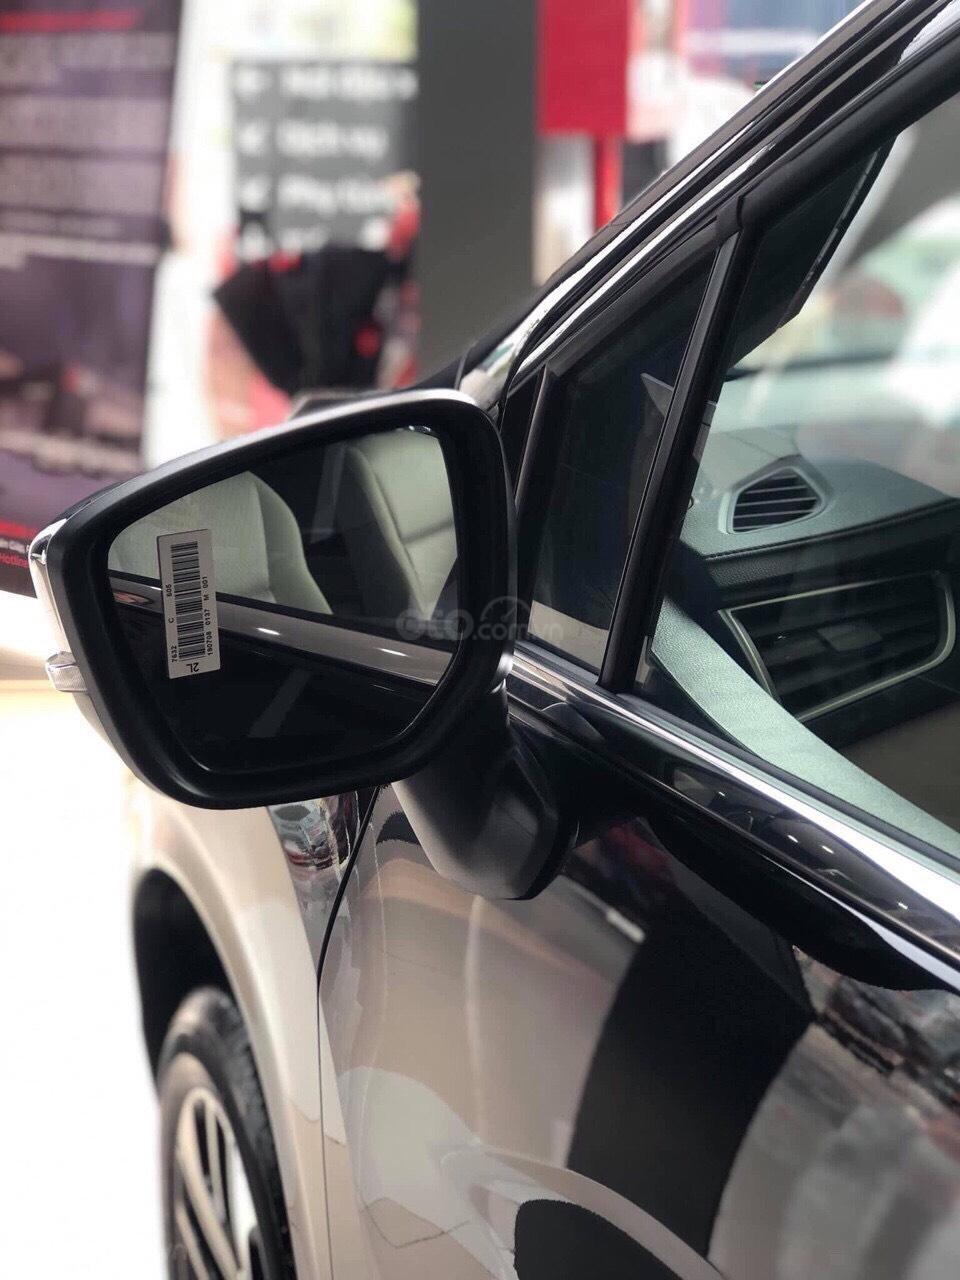 Xe Xpander khuyến mãi, giao xe trước tết, cho vay 80% (3)